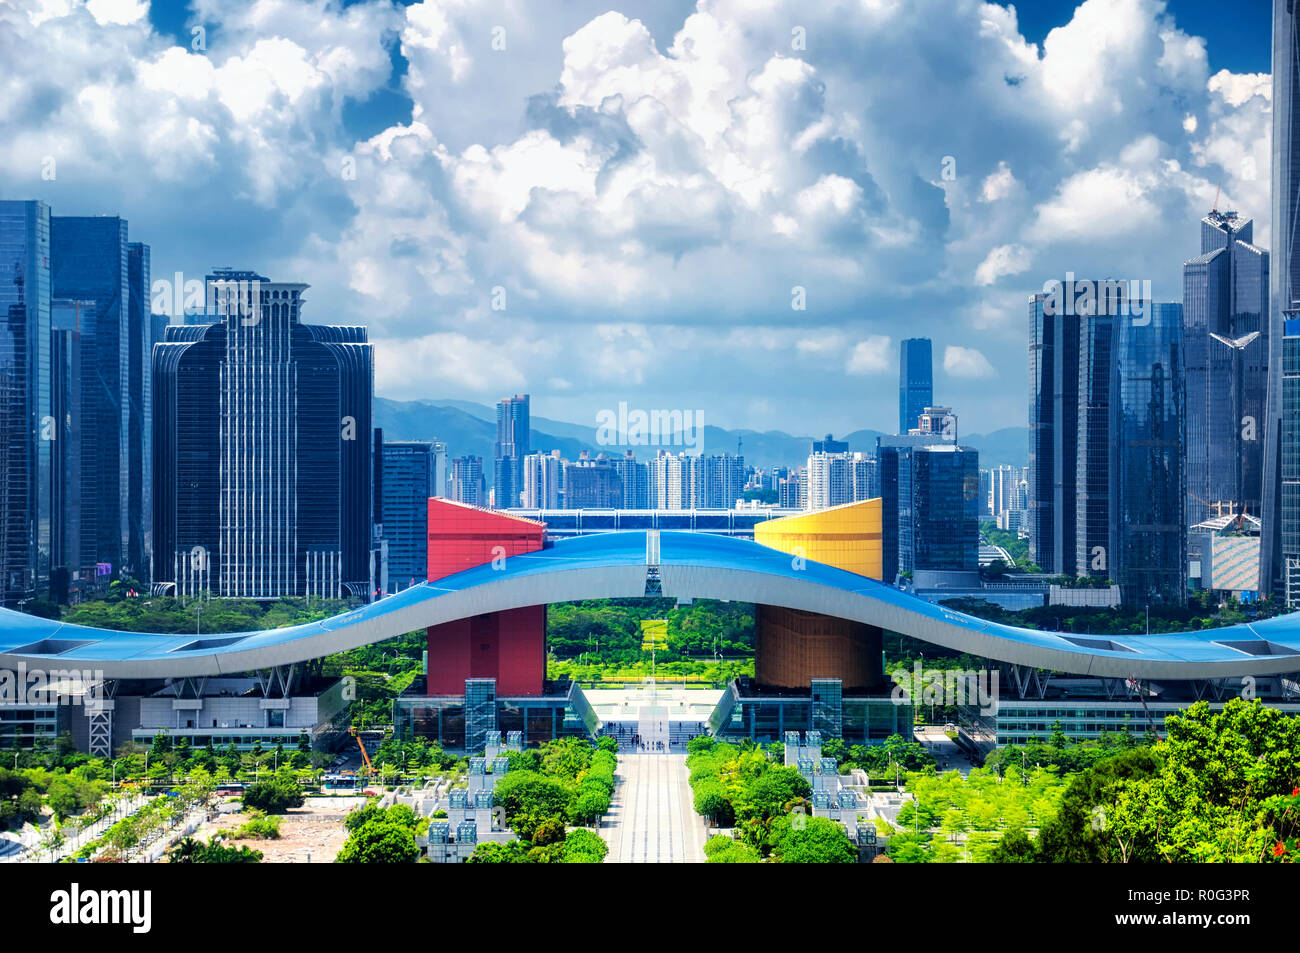 El shenzhen Civic Center en el centro de la ciudad de Shenzhen, China en un día soleado cielo azul visto desde Lianhuashan Park. Imagen De Stock